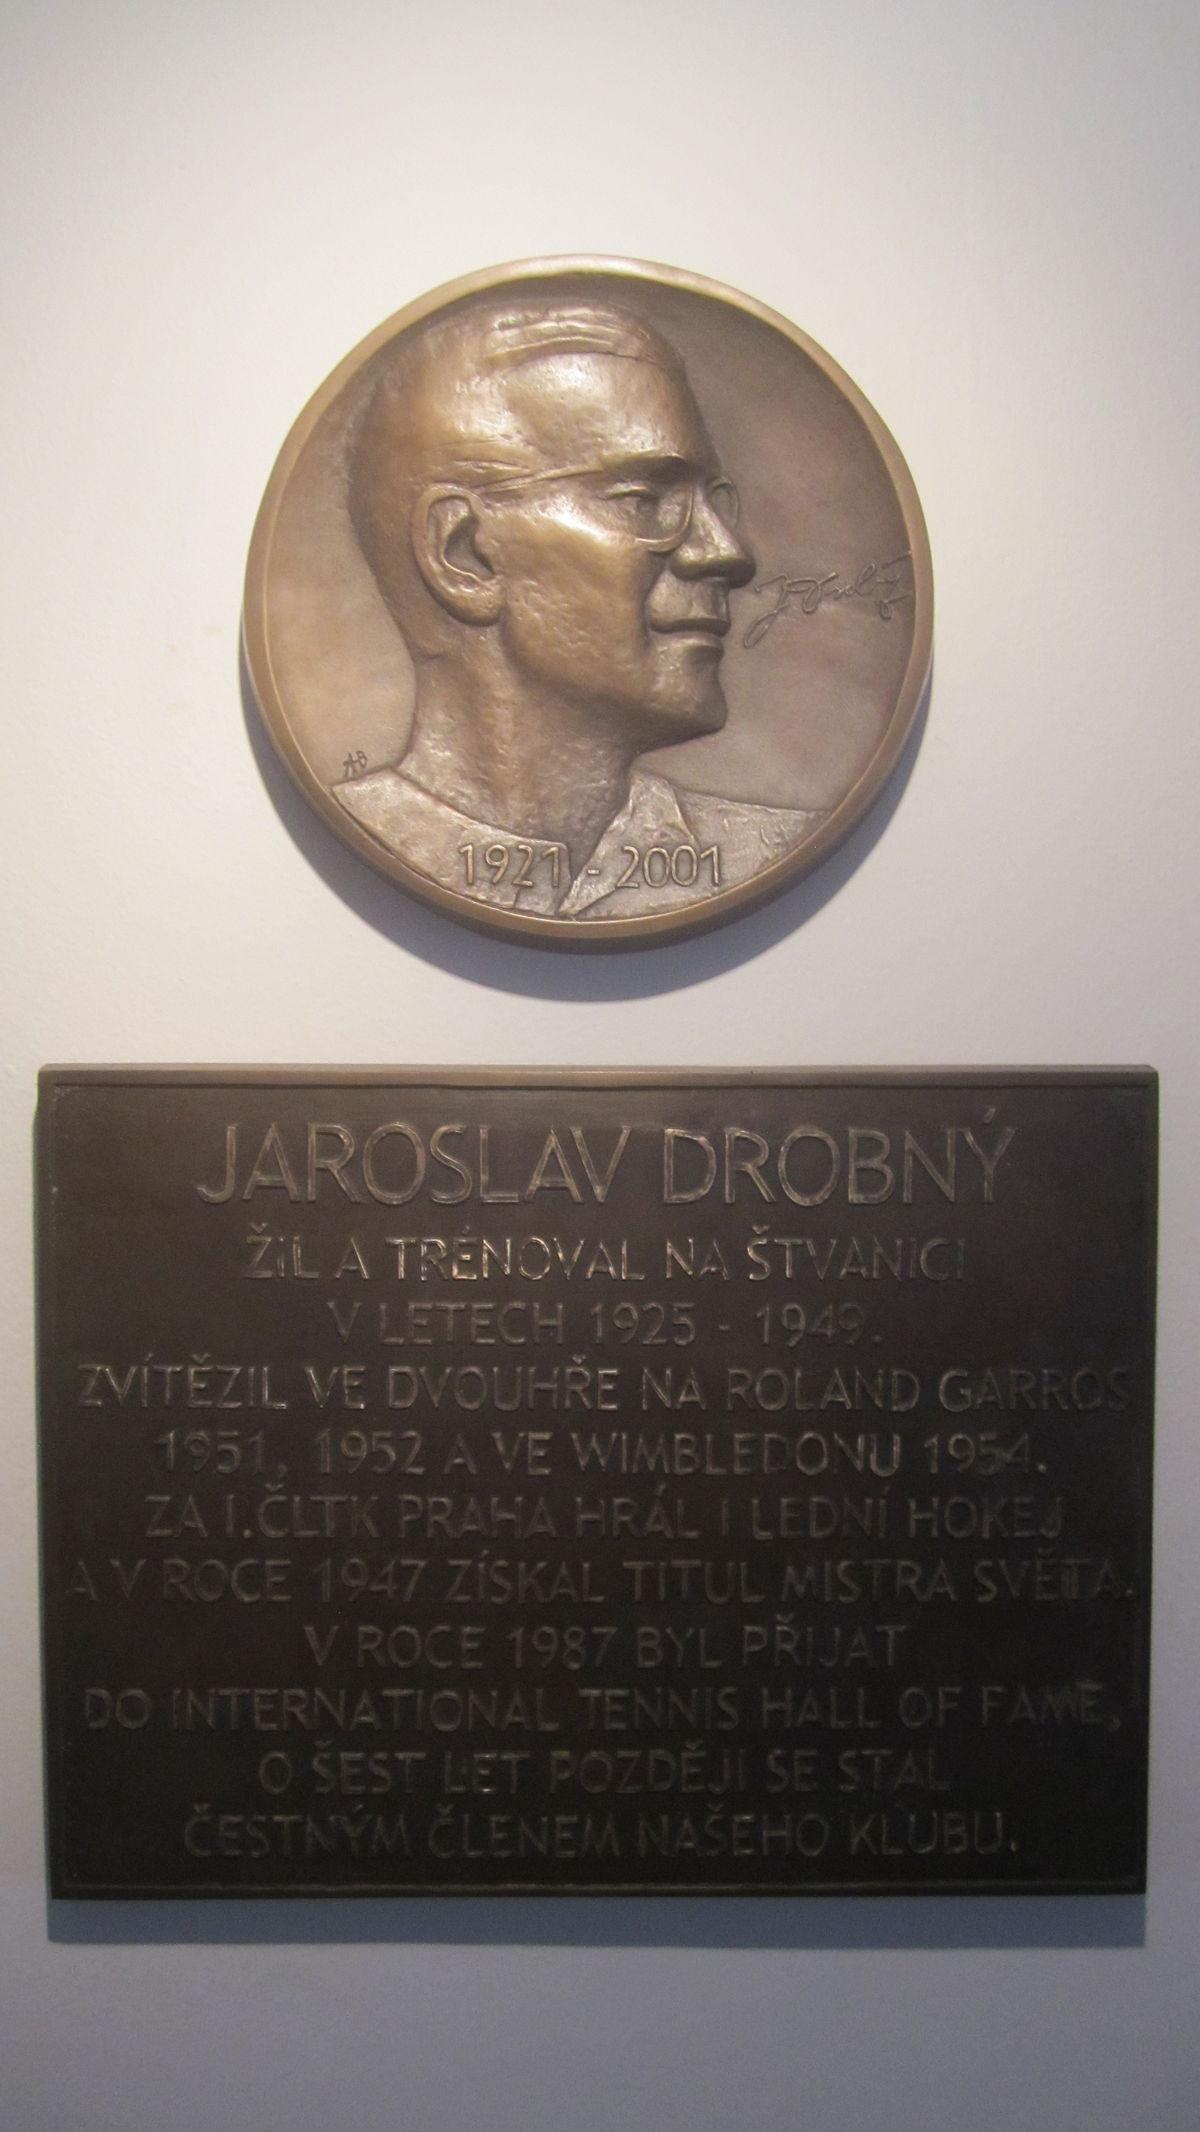 Дробный ЯросРав — Википедия